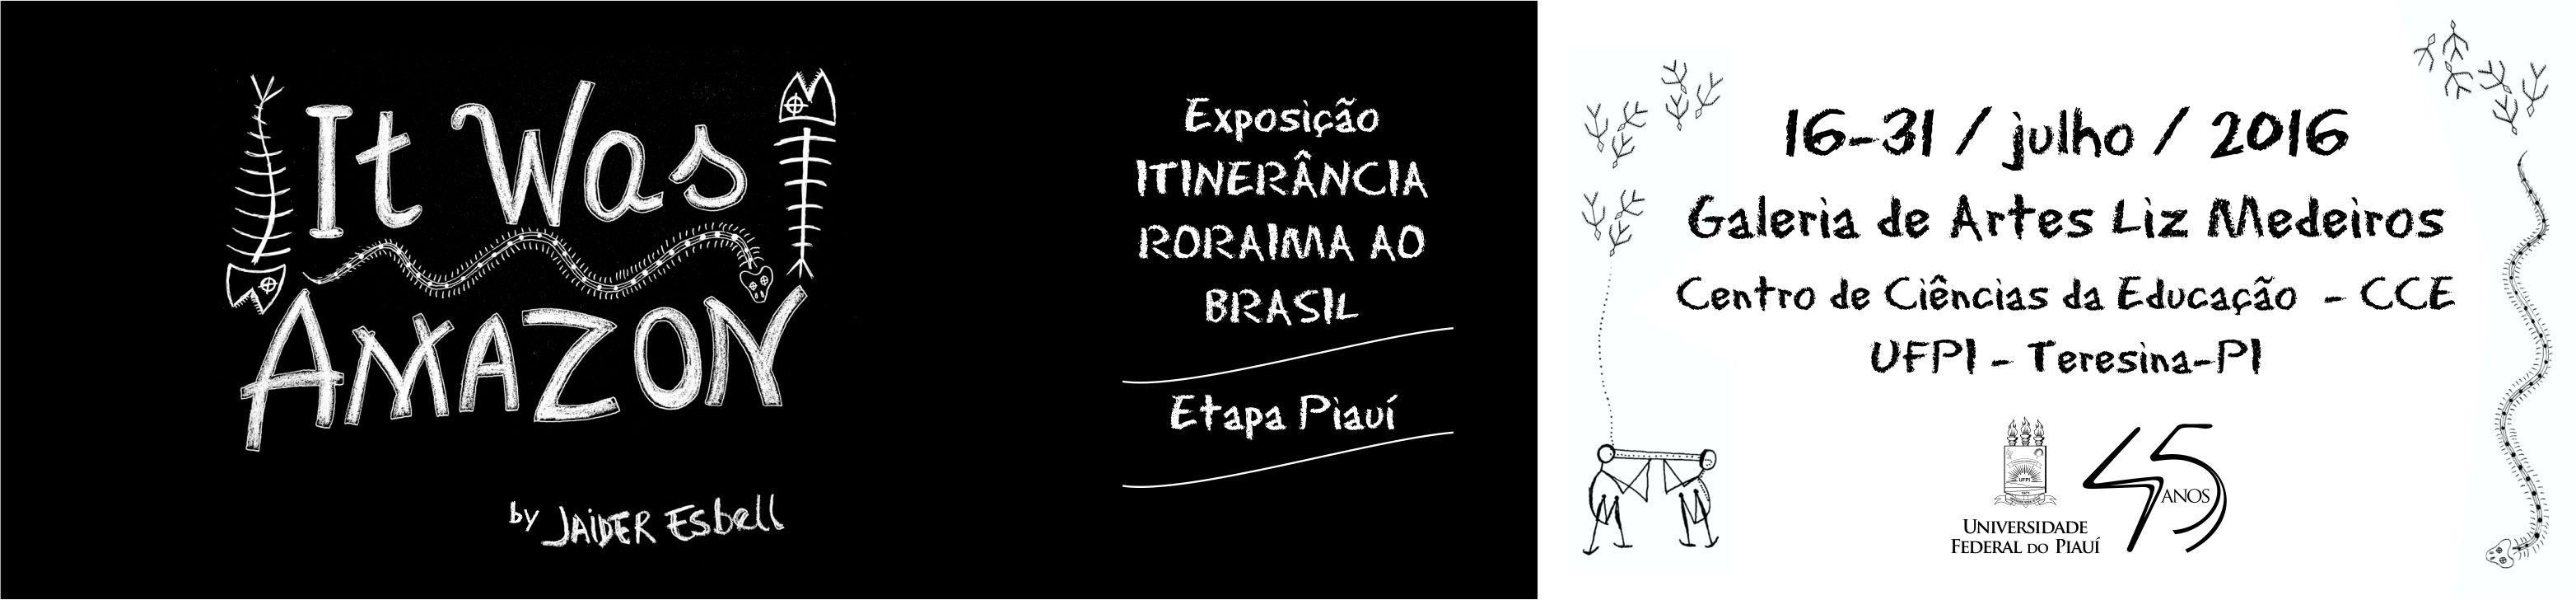 It Was Amazon - by Jaider Esbell - Exposição Itinerância Roraima ao Brasil - Etapa Piauí - UFPI